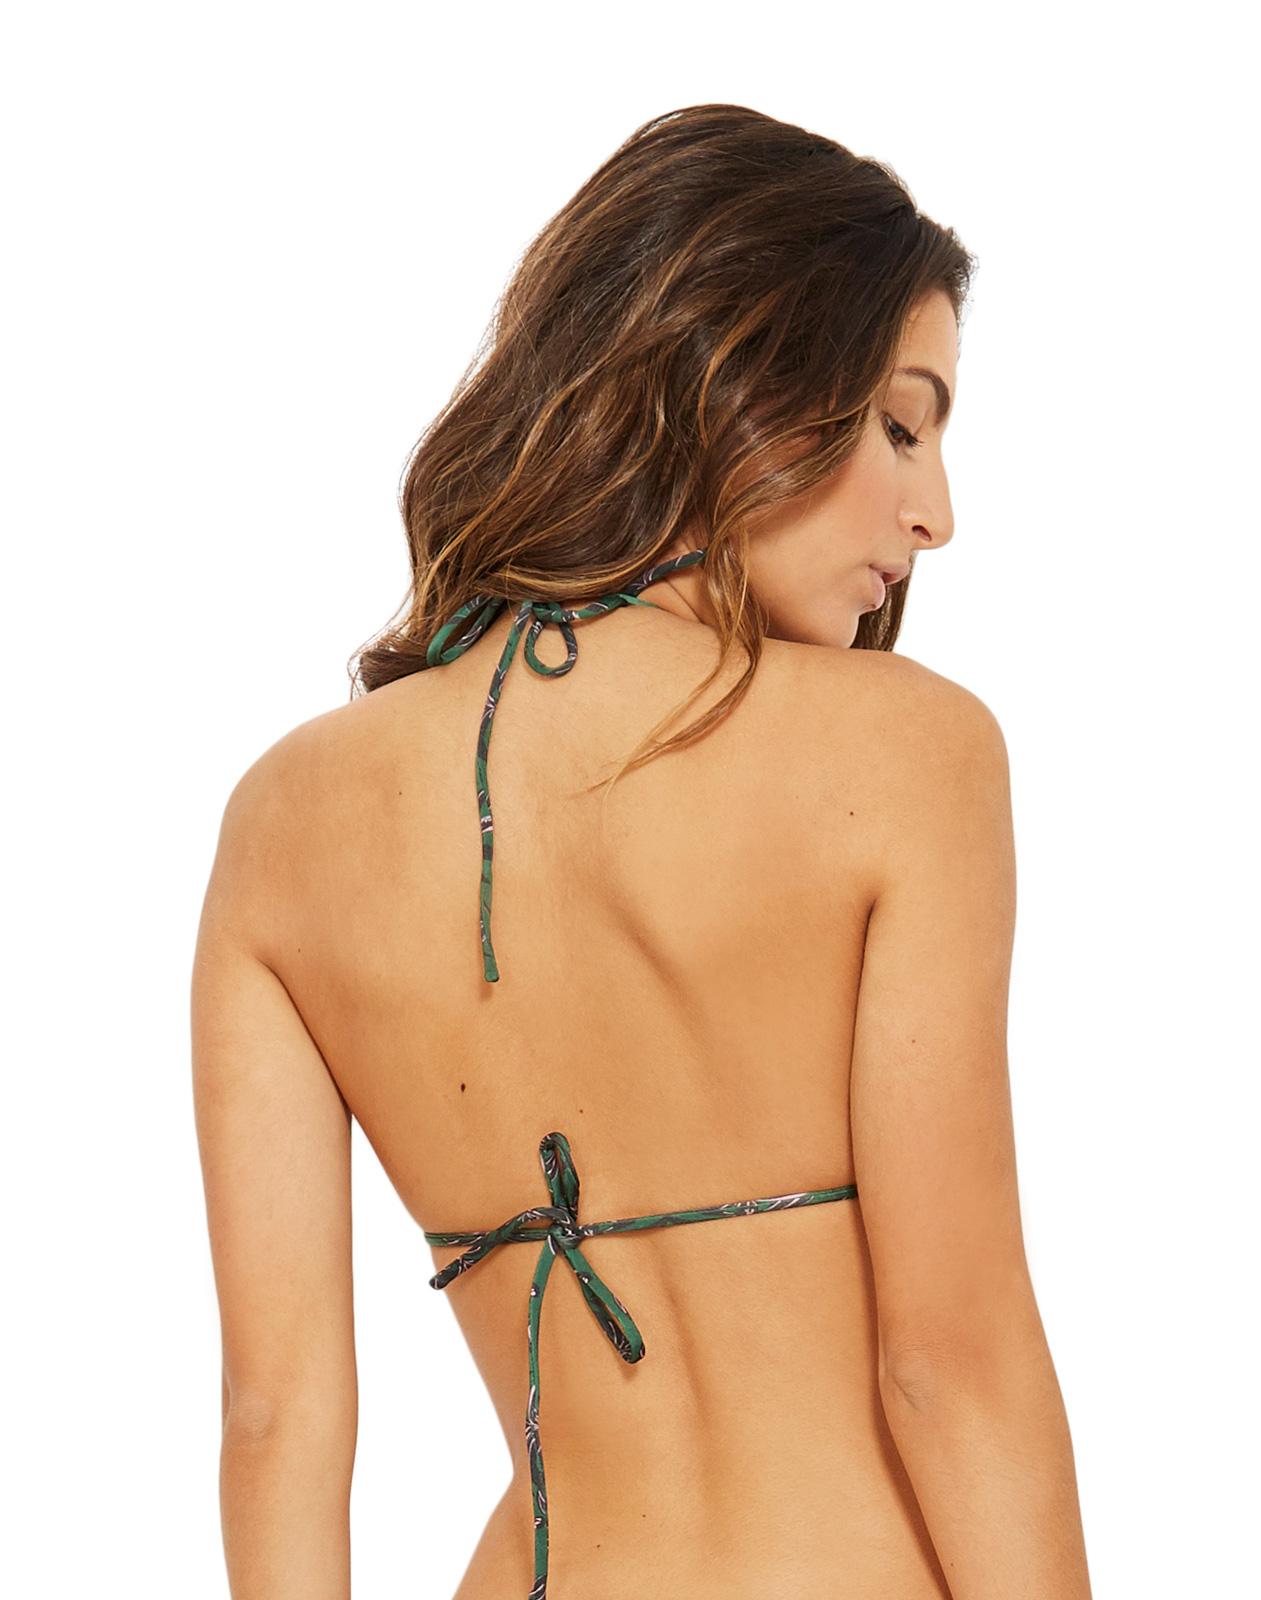 b5615641c1717 Bikini Tops Green Triangle Bikini Top In Palm Trees - Top Mel Coqui